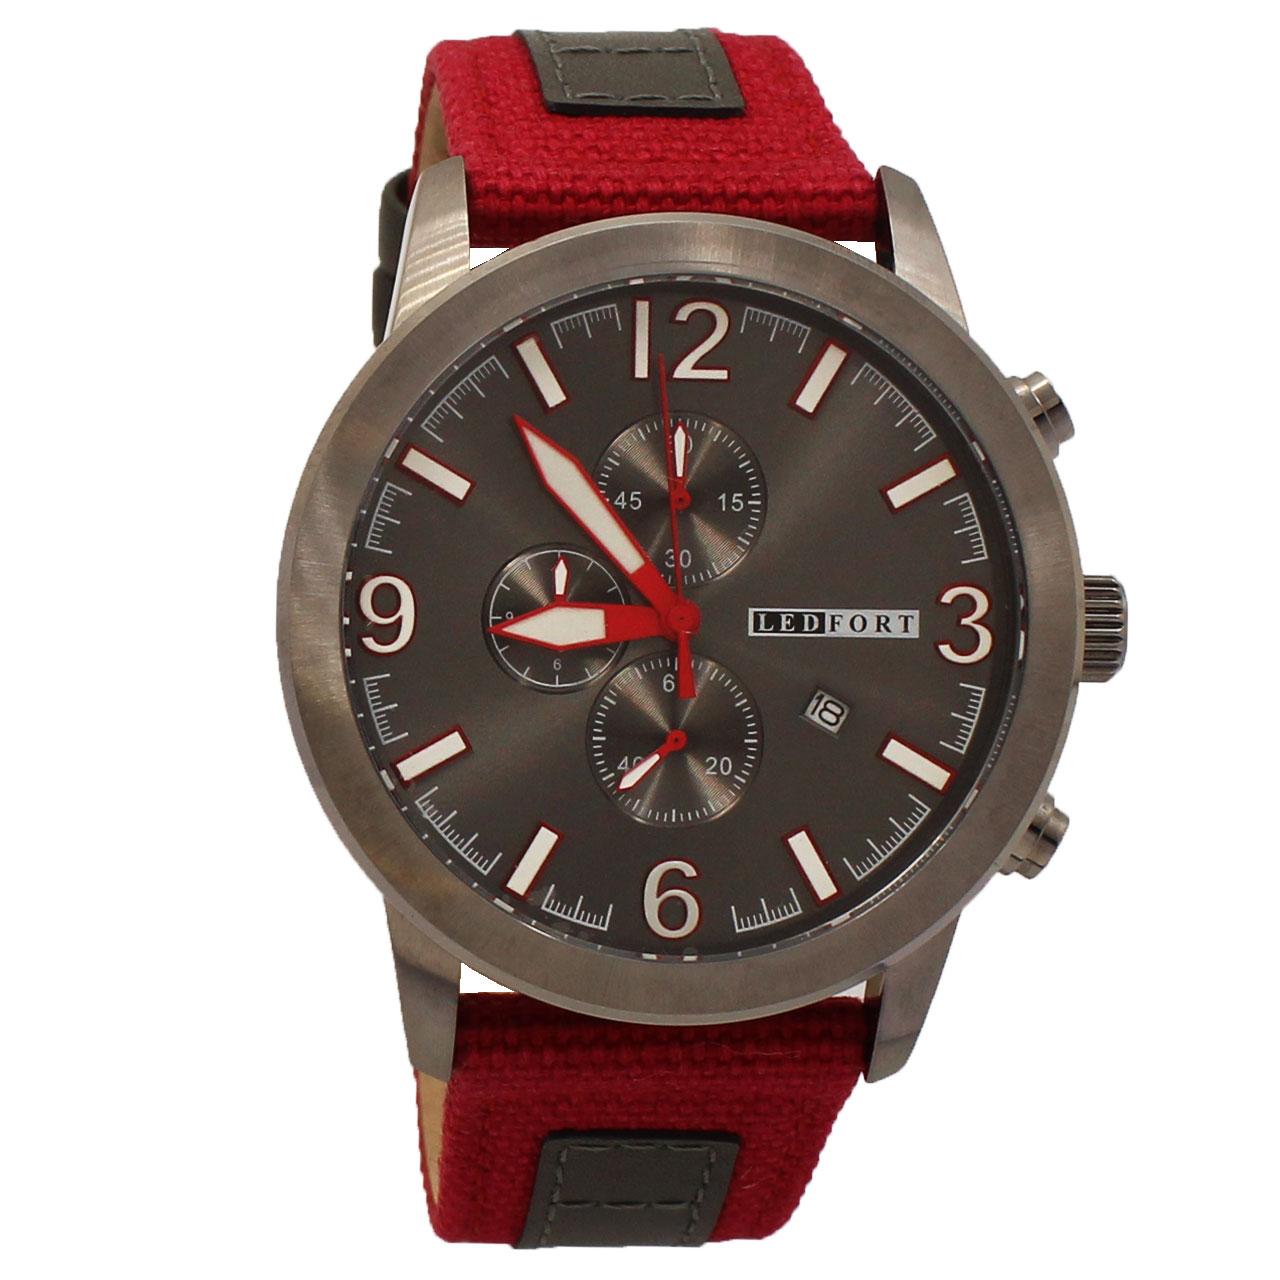 ساعت مچی عقربه ای مردانه لدفورت مدل کرنوگراف کد MK-0051